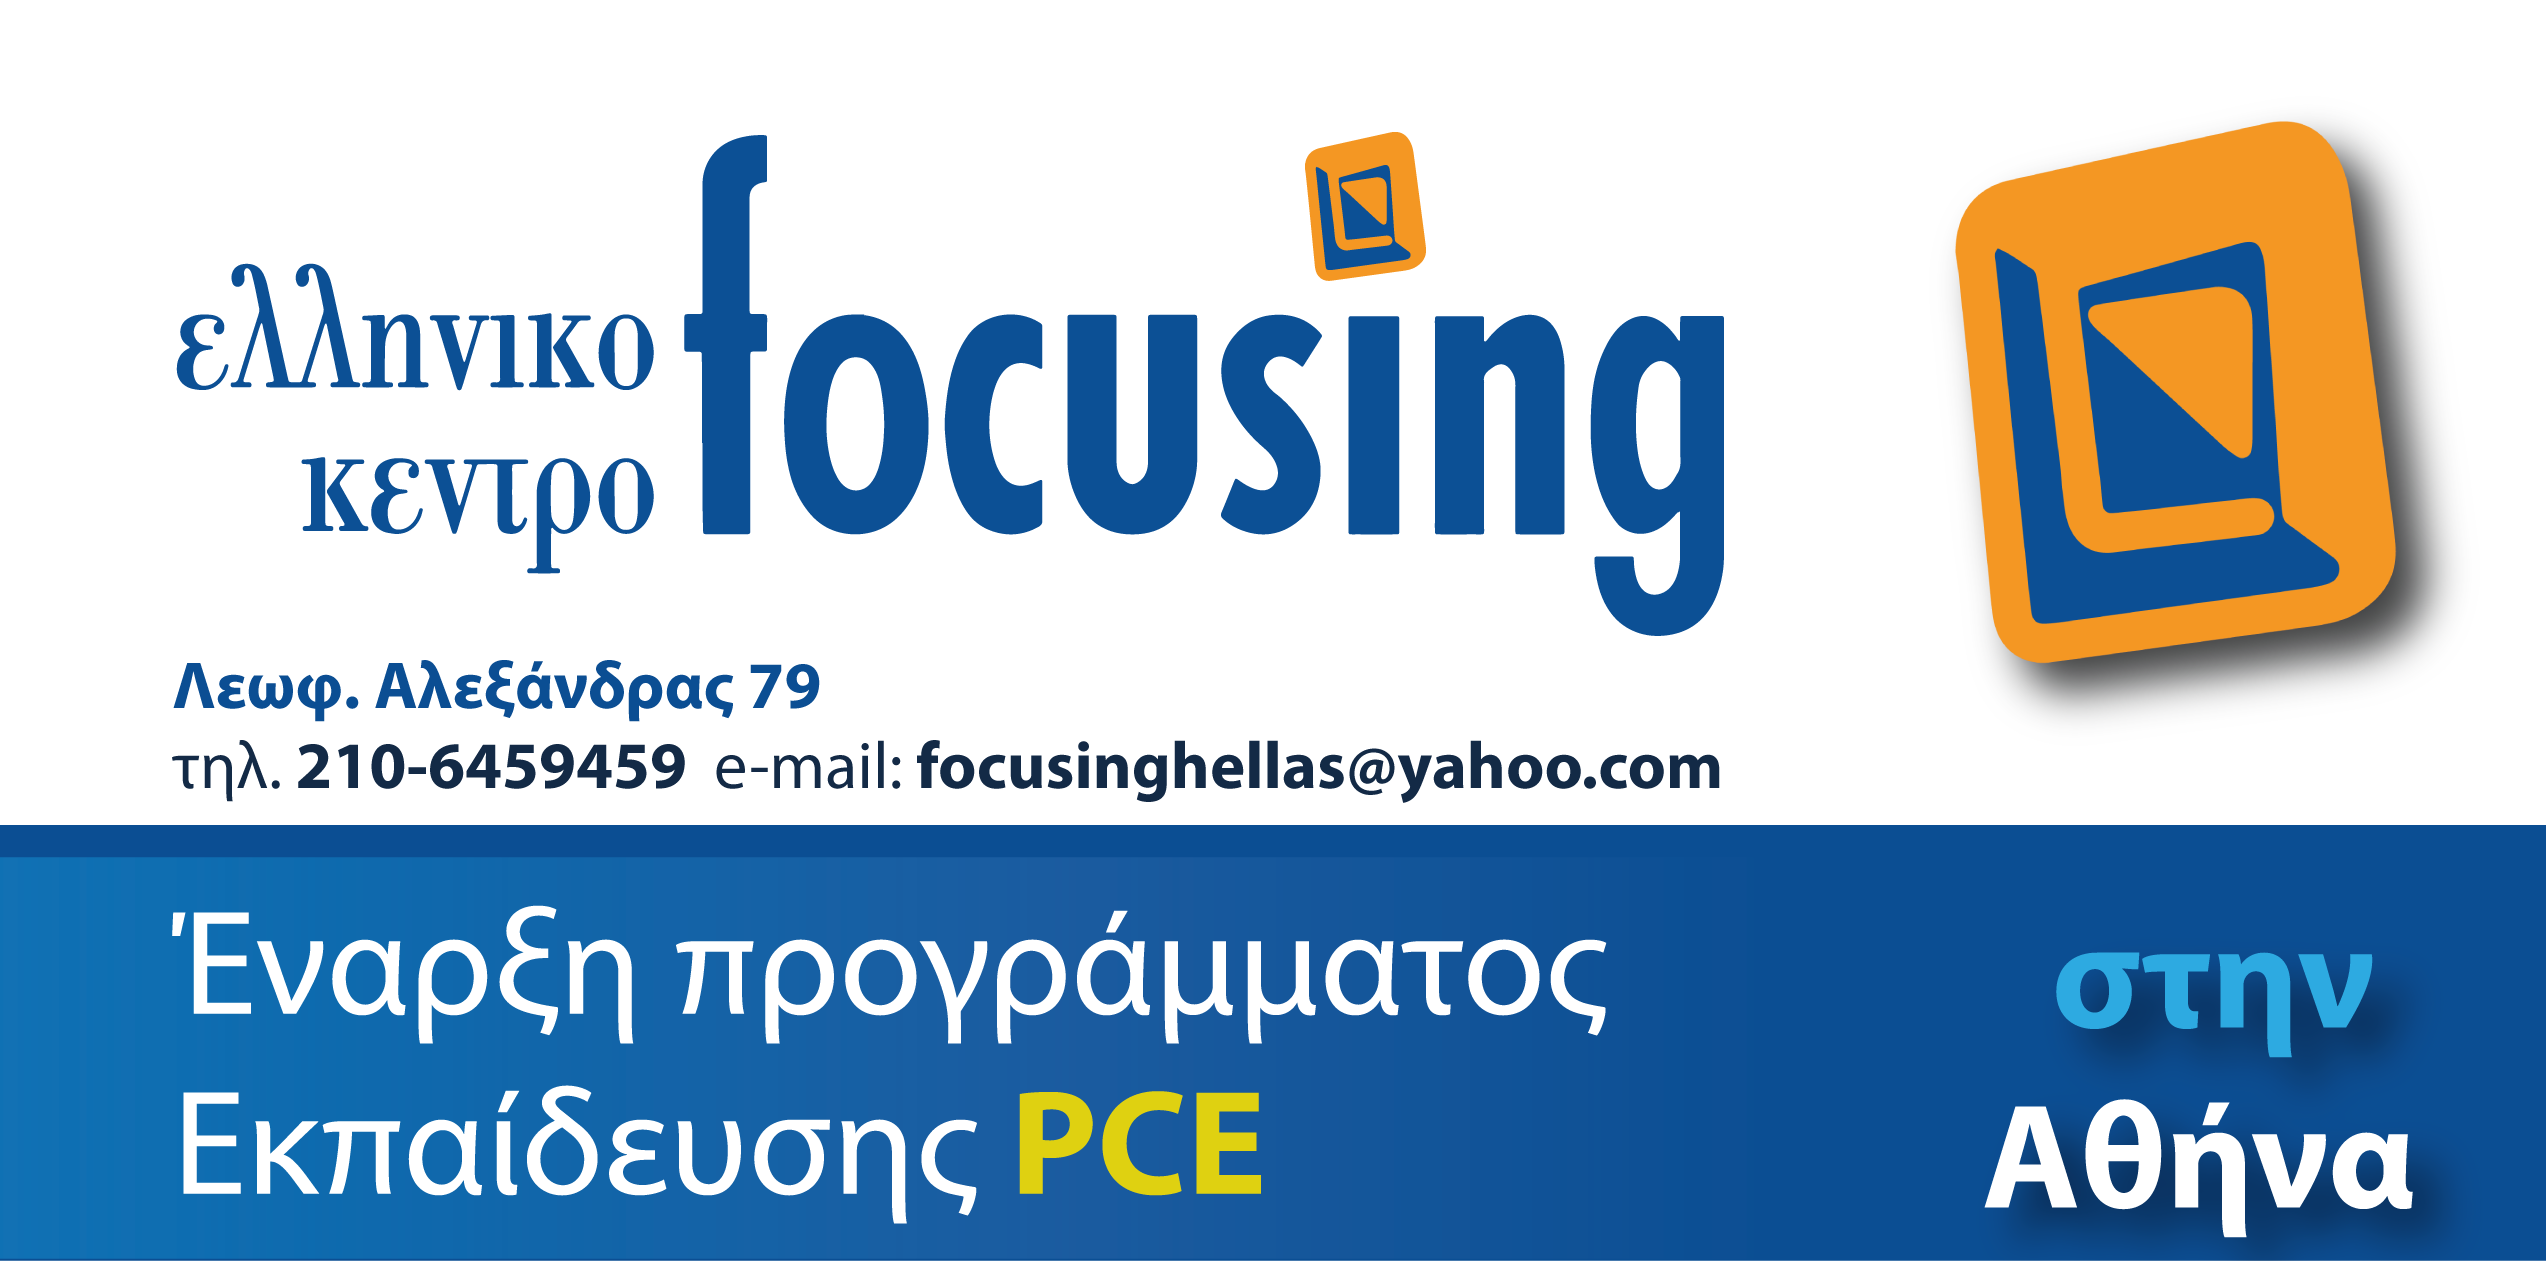 Αθήνα – Έναρξη Εκπαιδευτικού Προγράμματος 2017-2018